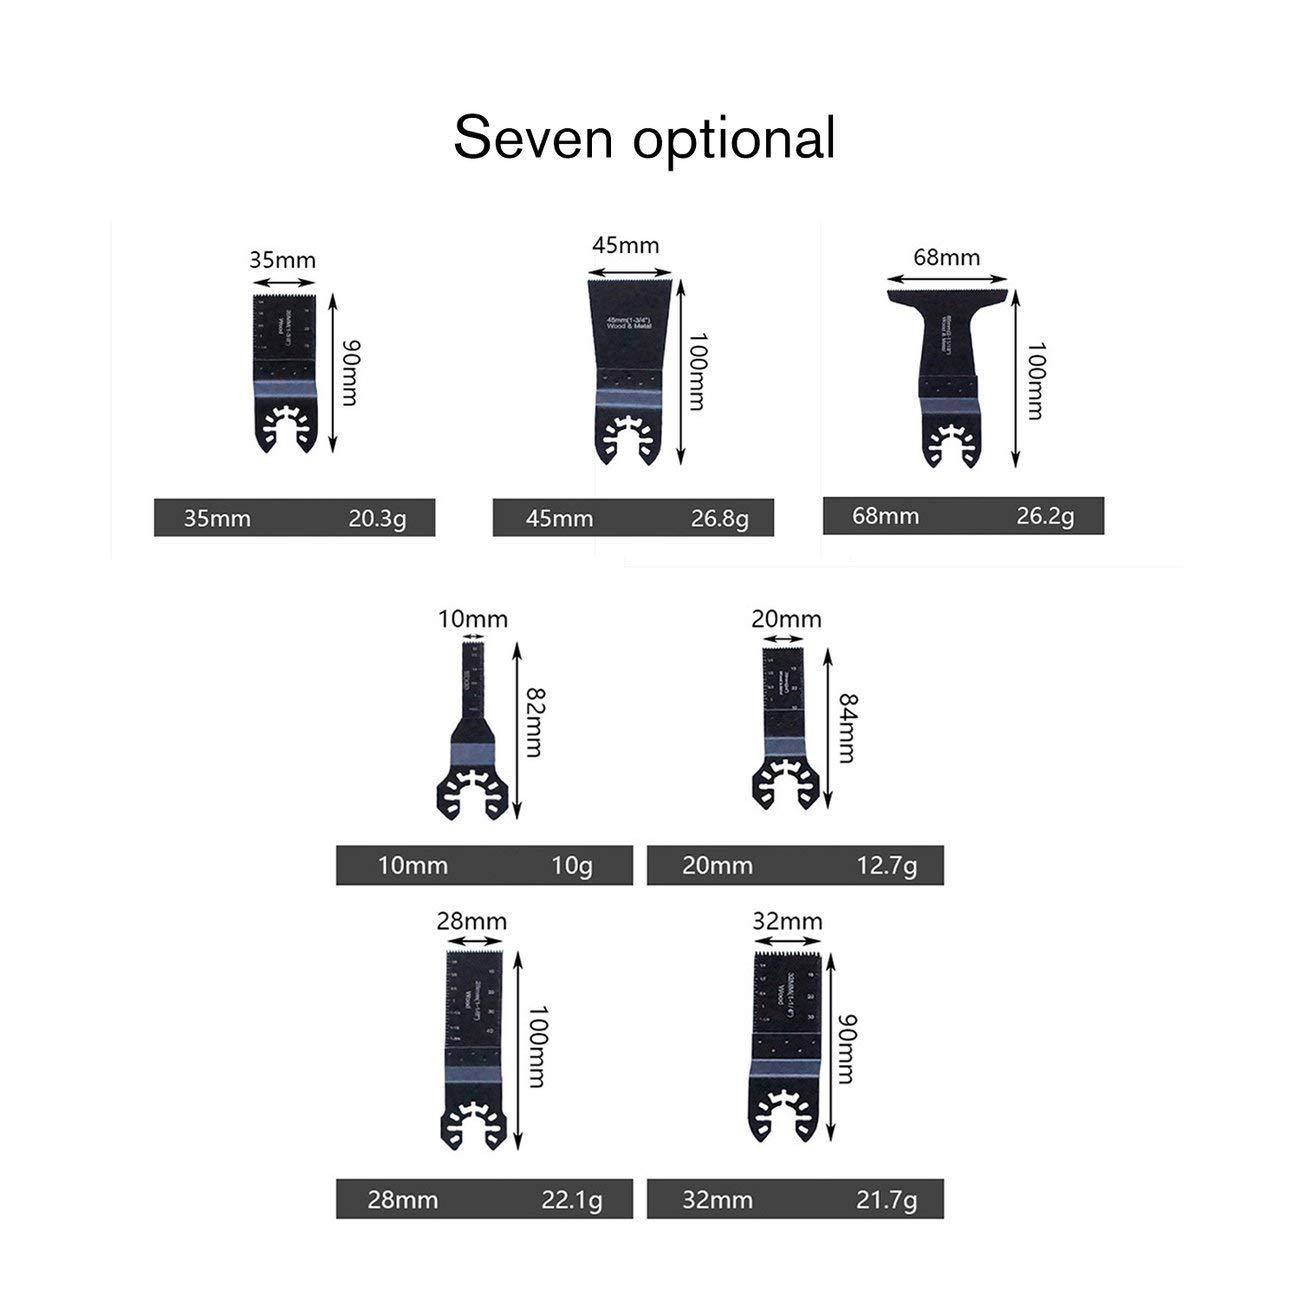 Negro y 28mm JIUY 10-68mm cambio r/ápido de herramientas multi de sierra oscilante Accesorios Hoja de Negro /& Decker Home Use las herramientas de corte de metal